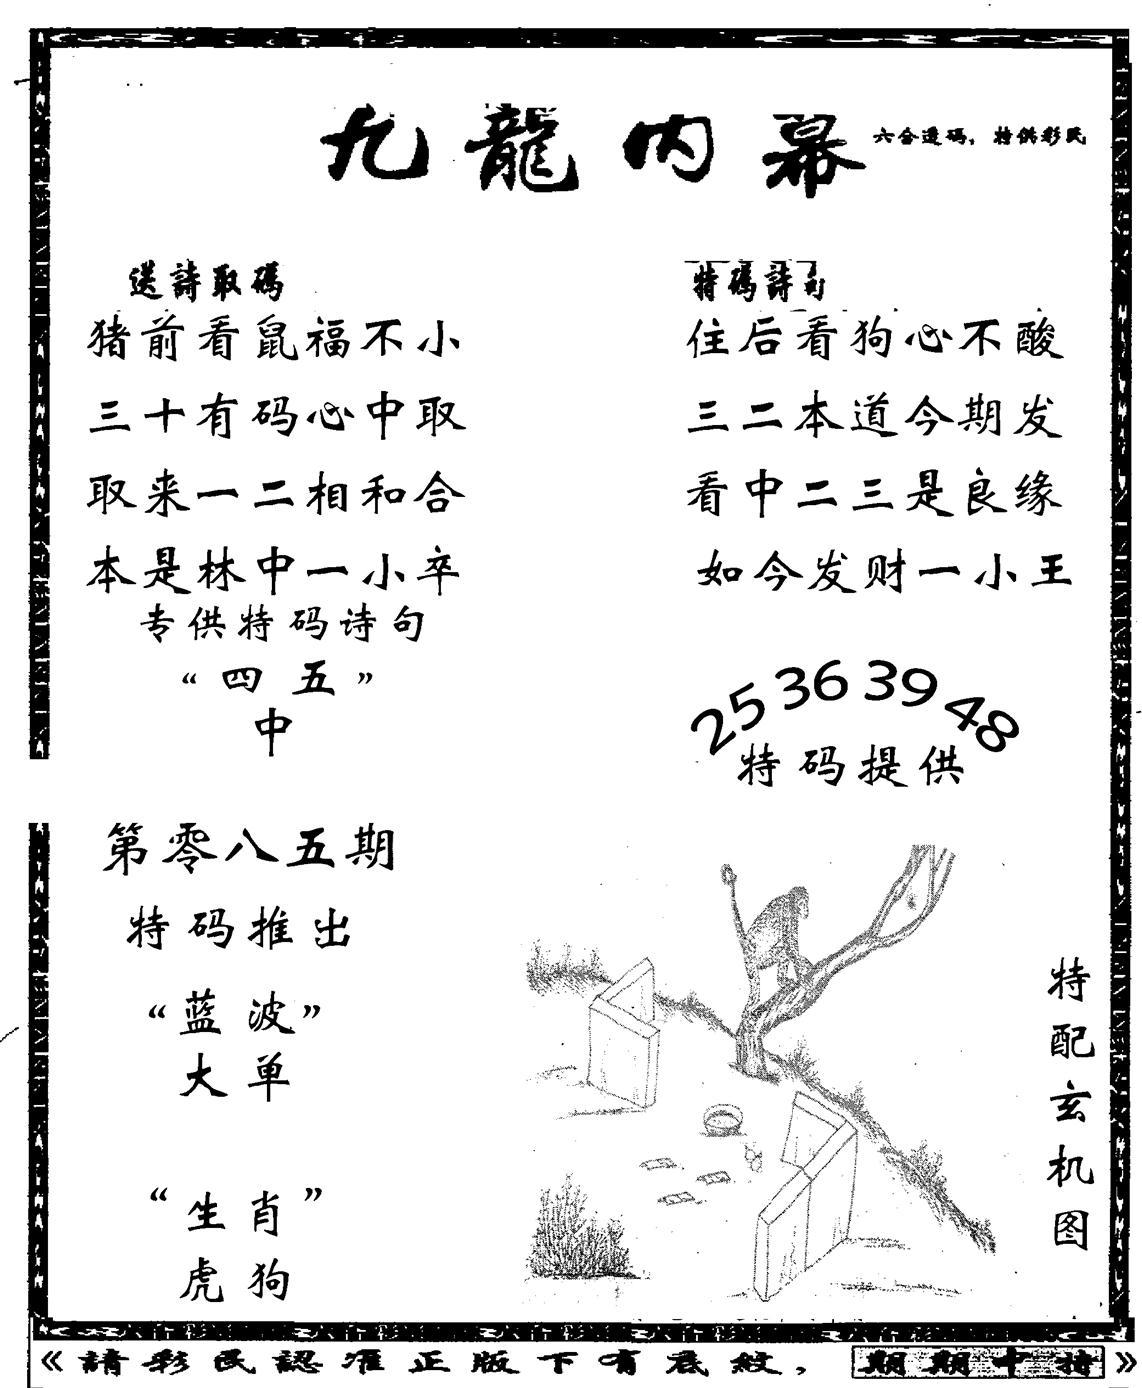 085期老九龙内幕(黑白)